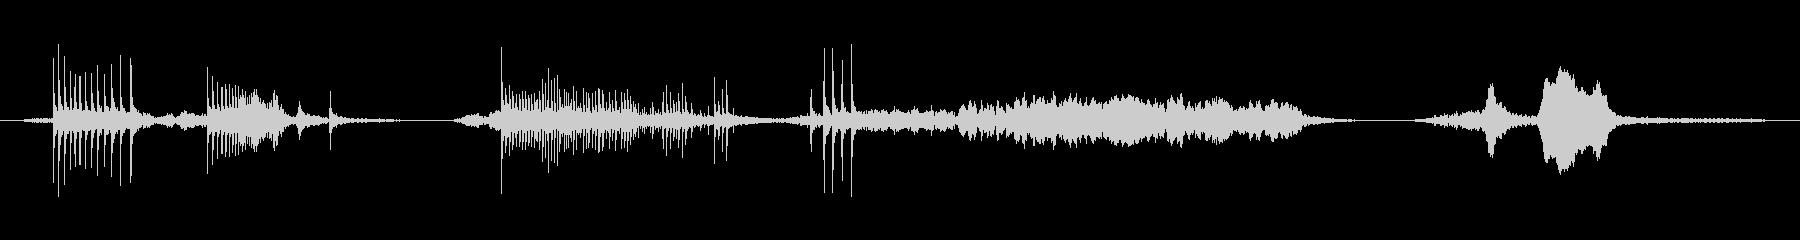 トラップドア、ヘビークリークx3の未再生の波形